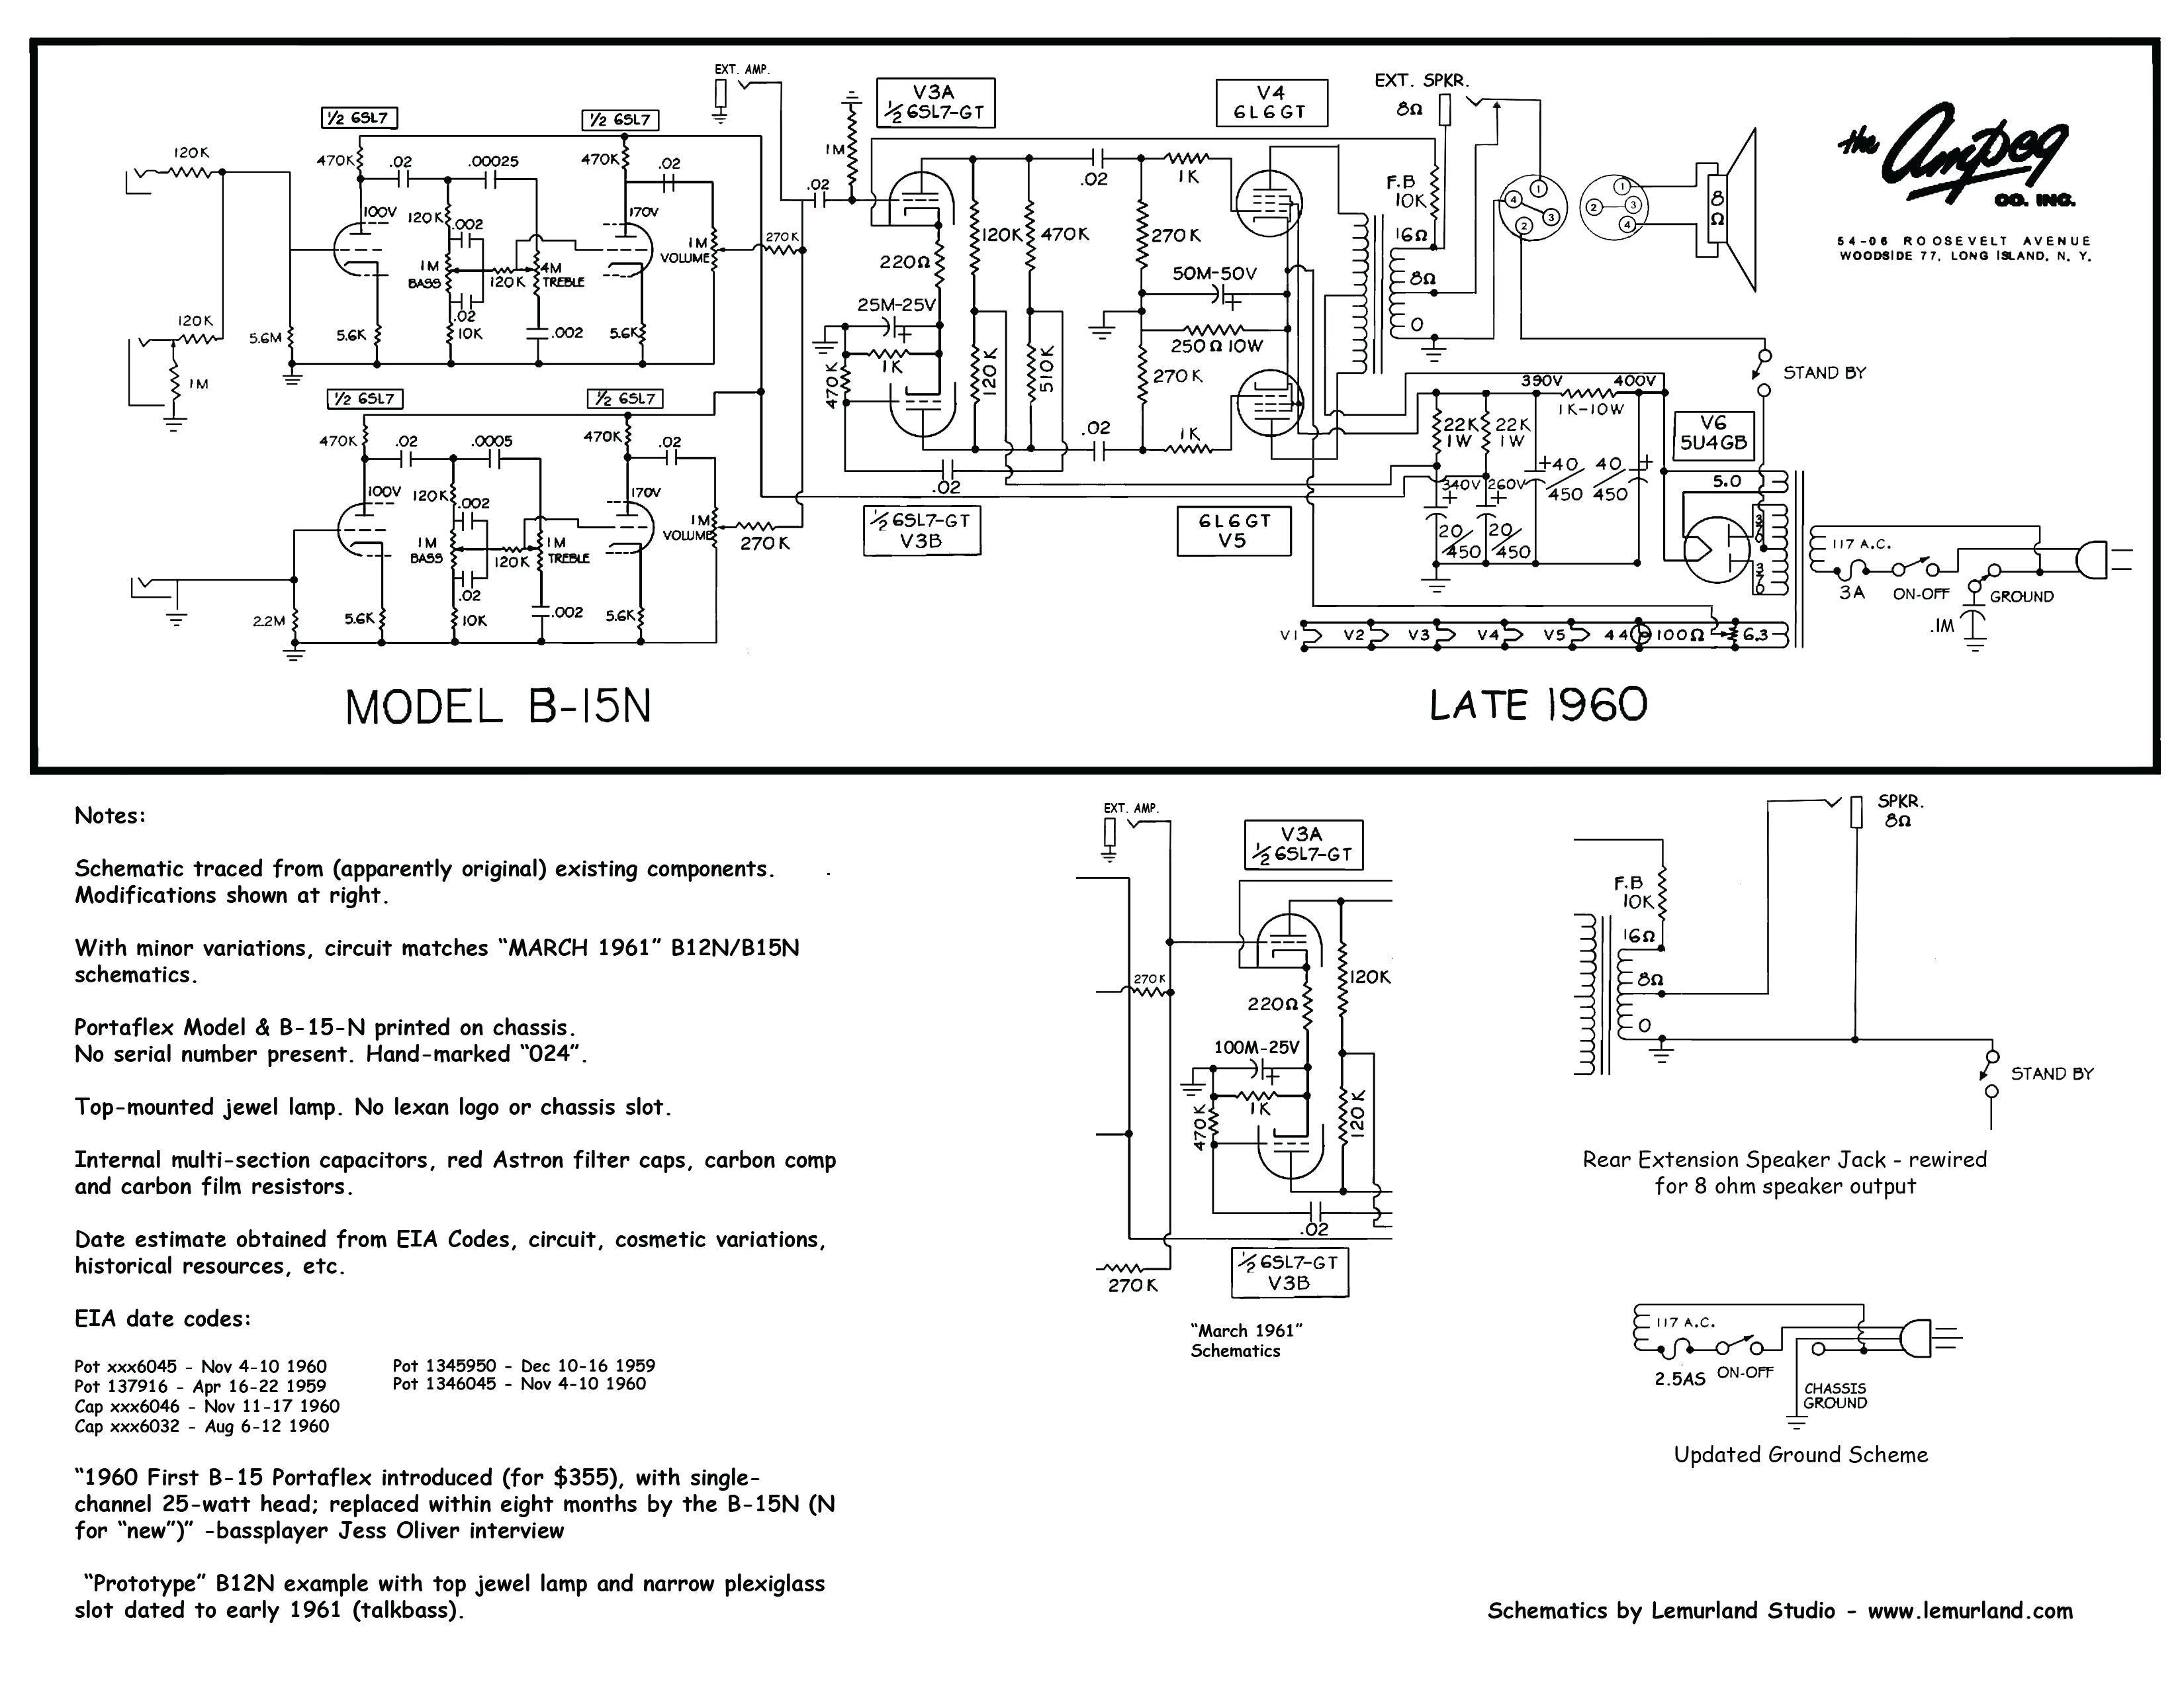 xlr plug schematic